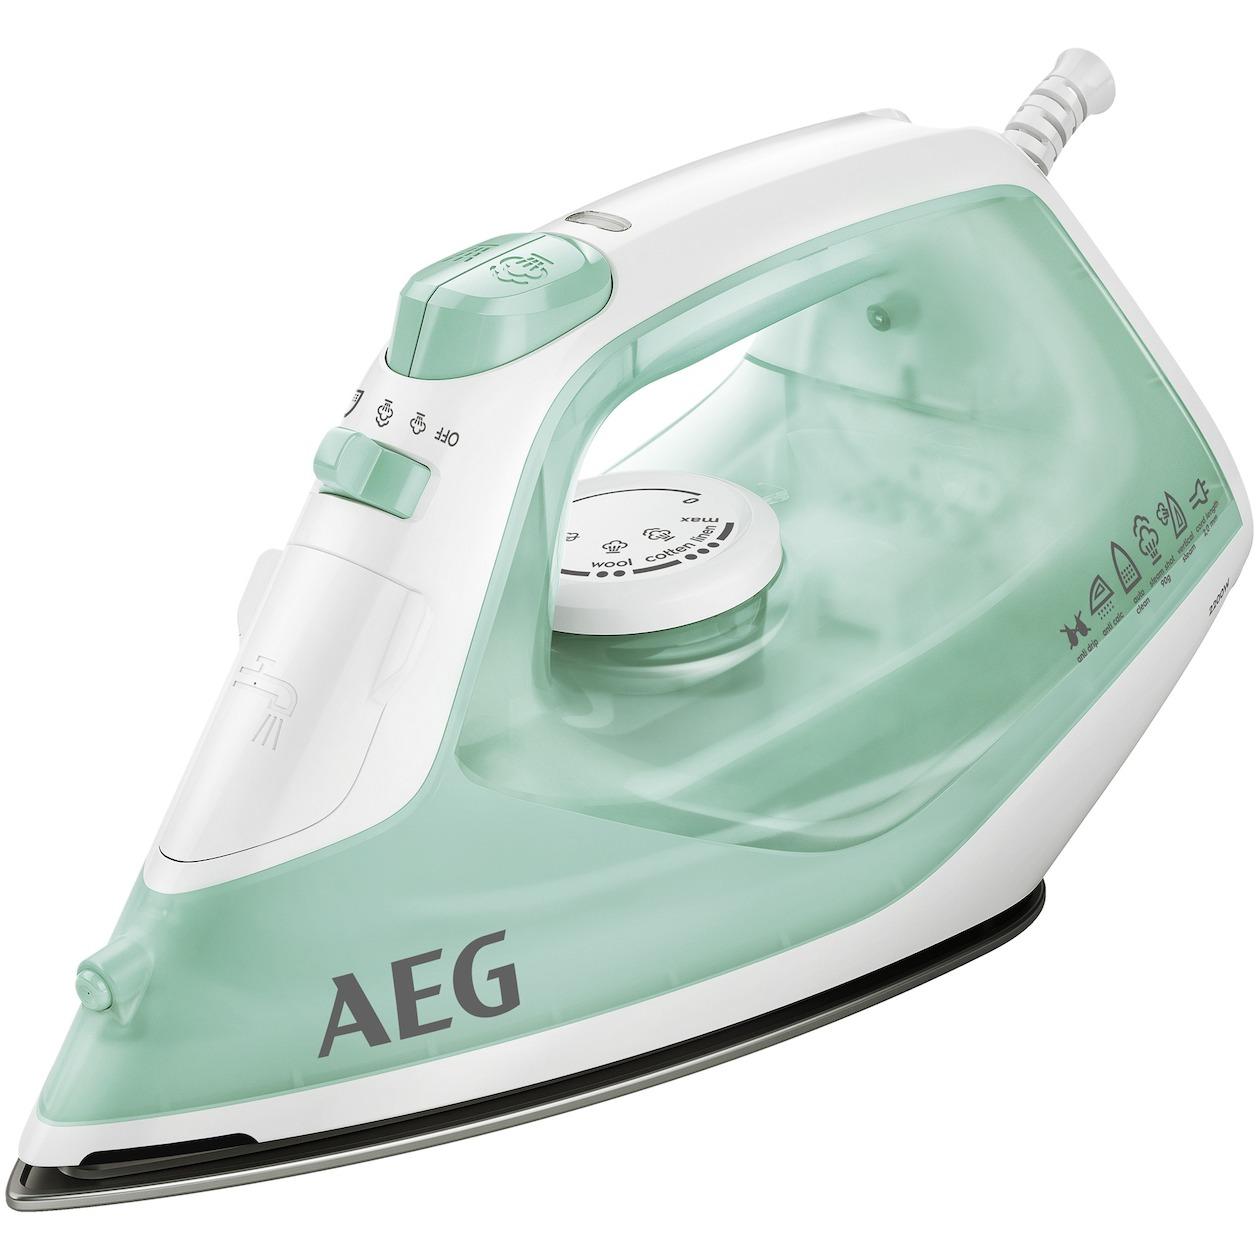 AEG strijkijzer DB1720 aqua mint